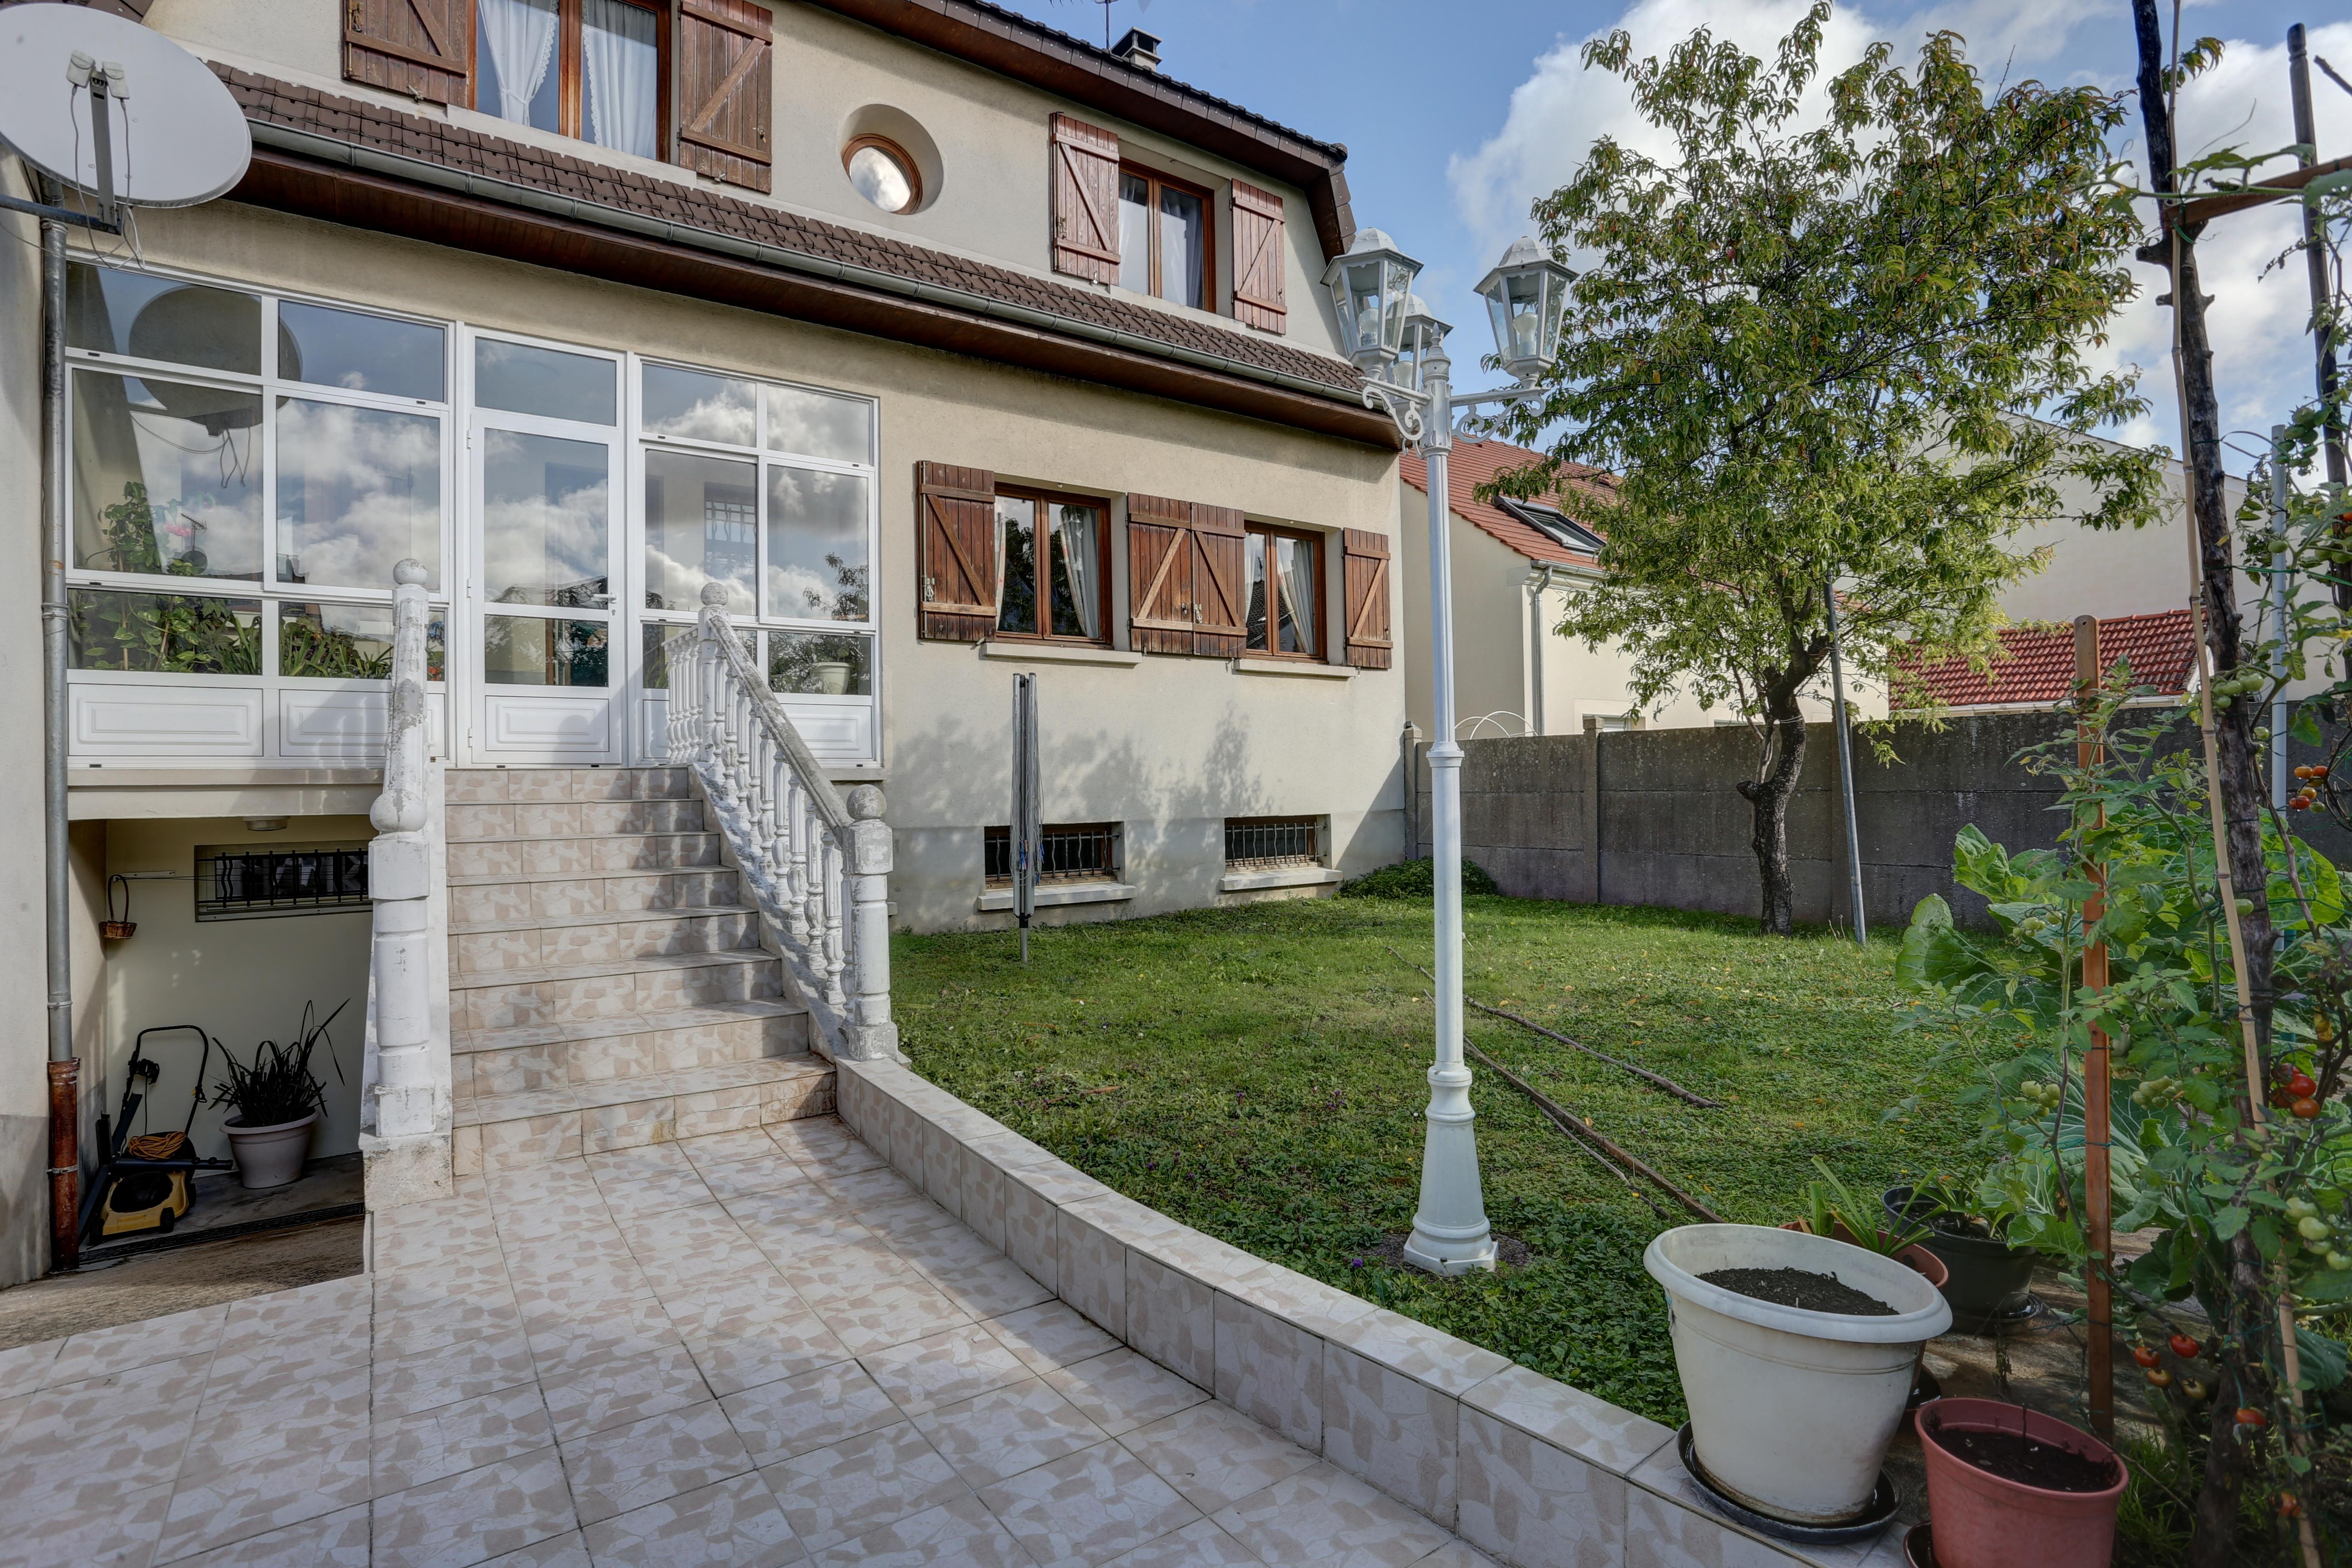 Maison 5 Pièces 137m2 à Ormesson sur Marne (94490)